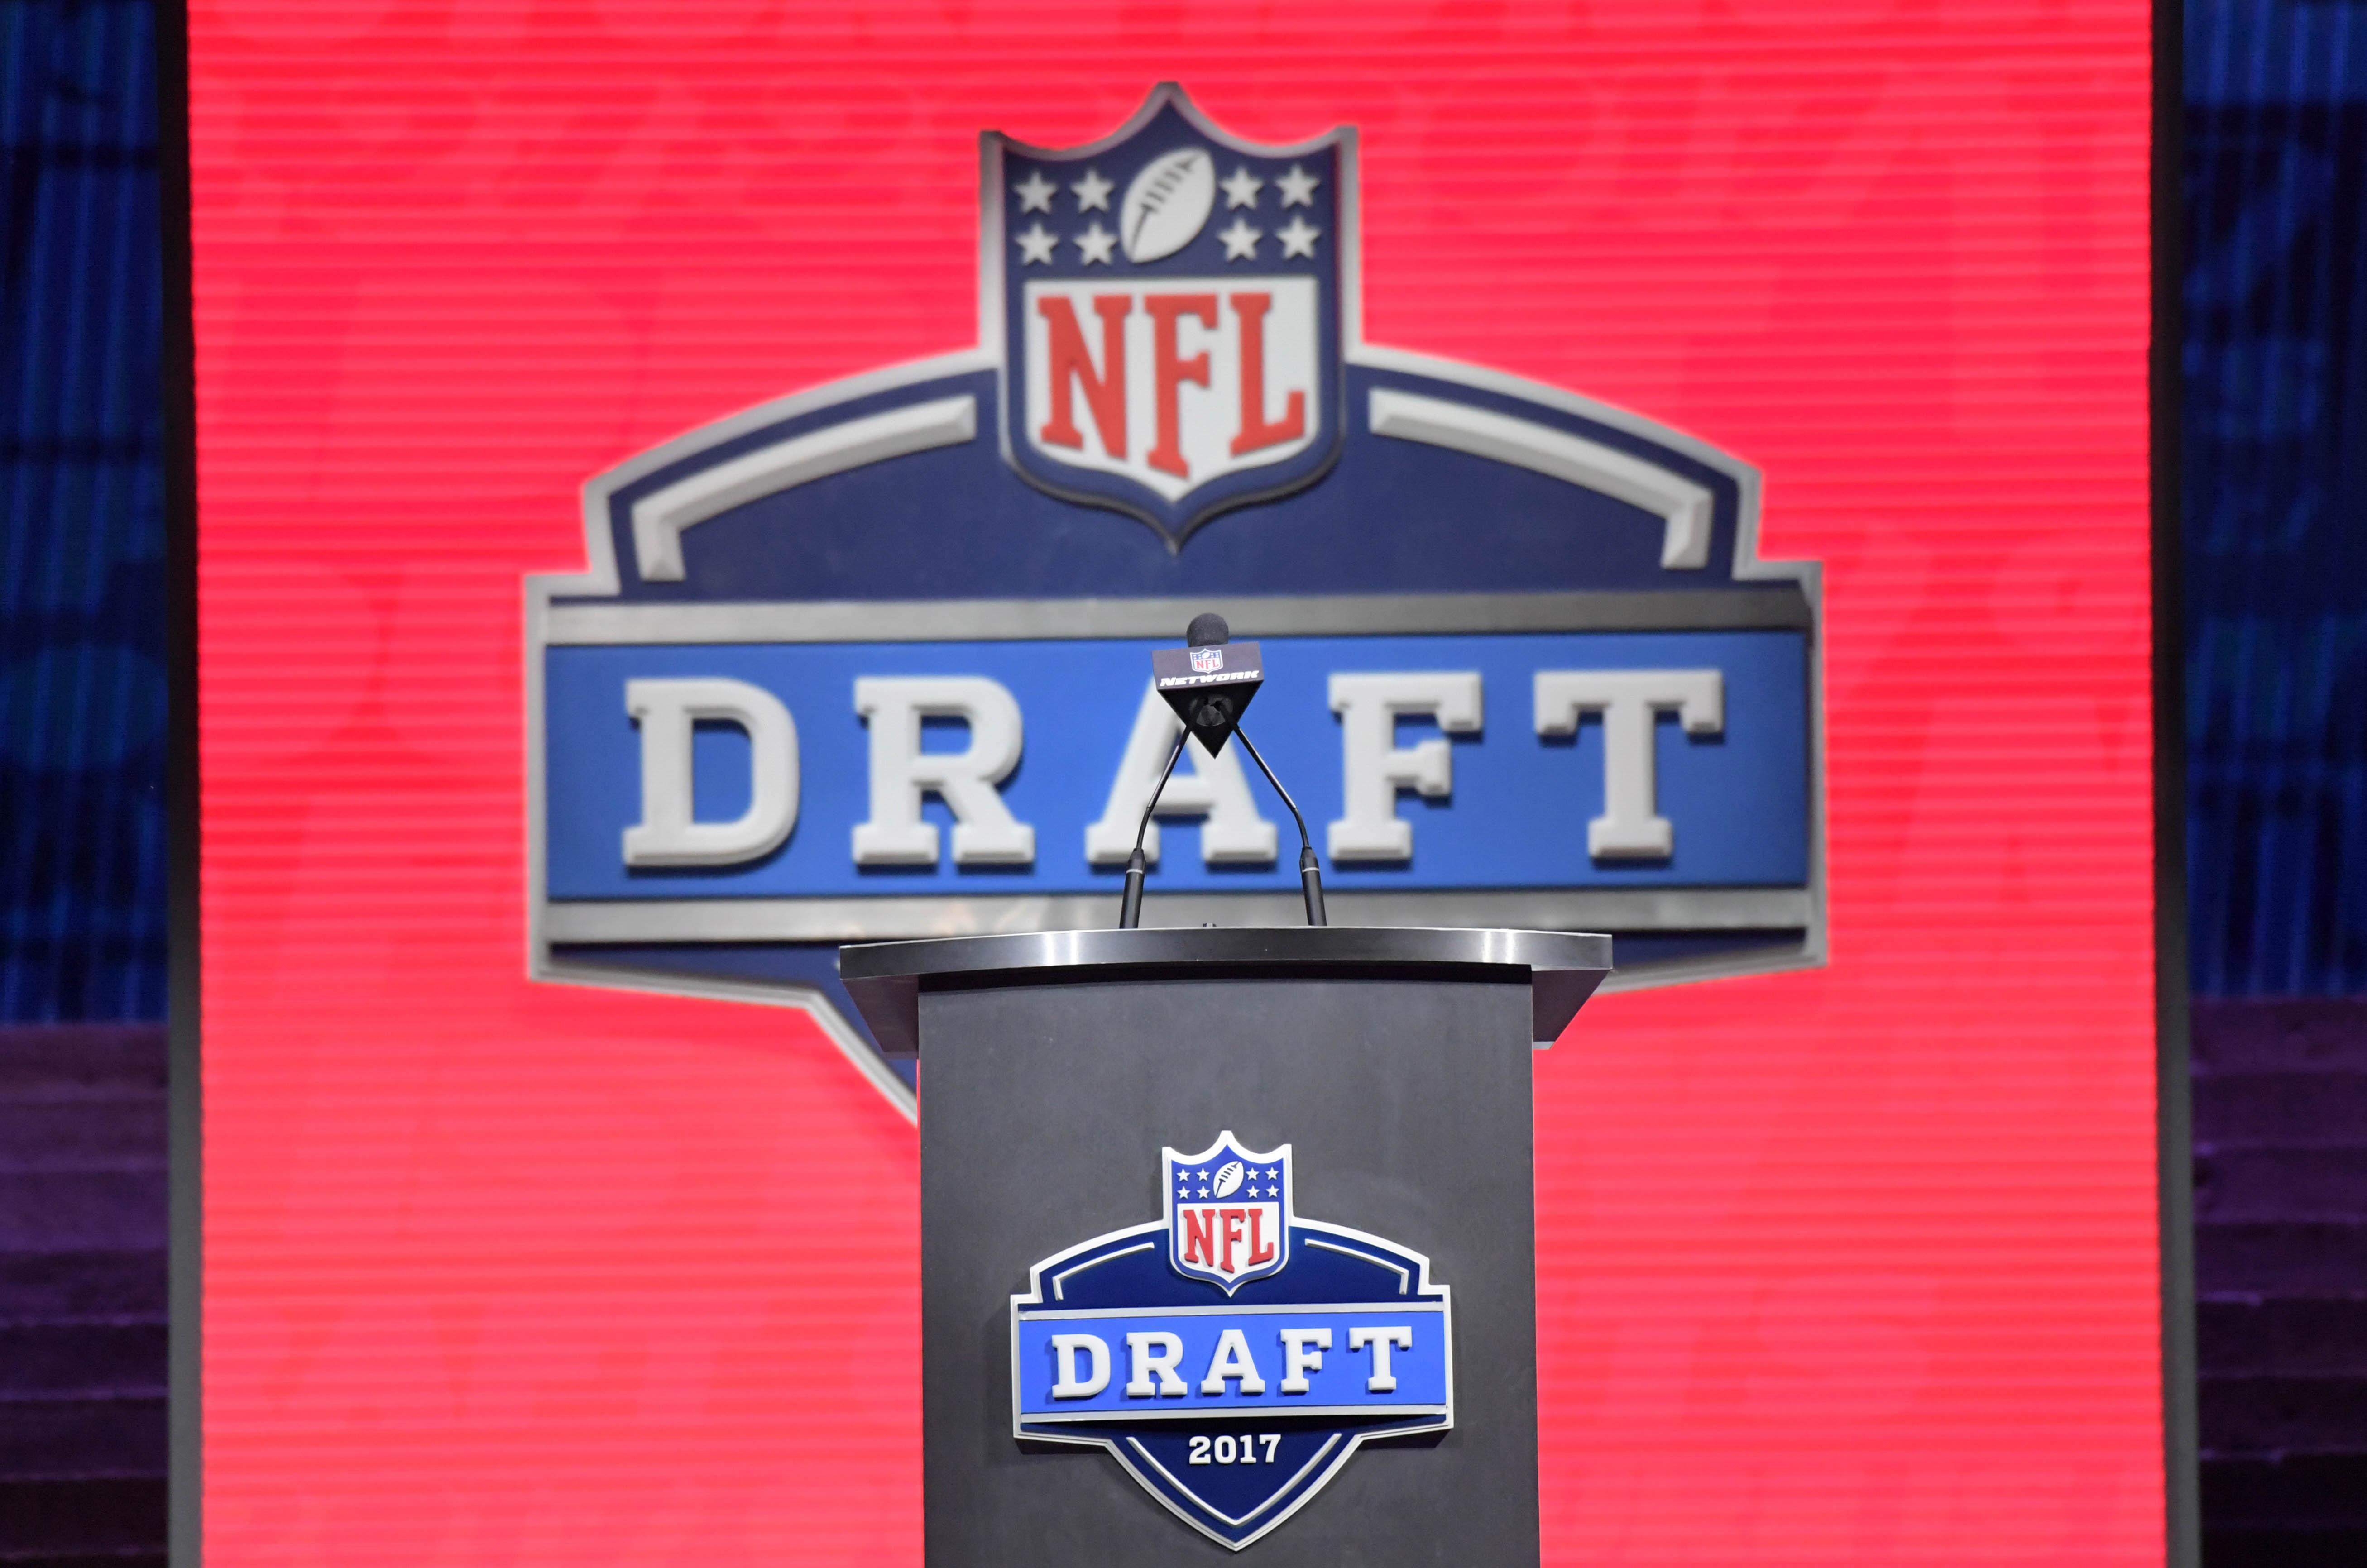 NFL: 2017年NFL选秀